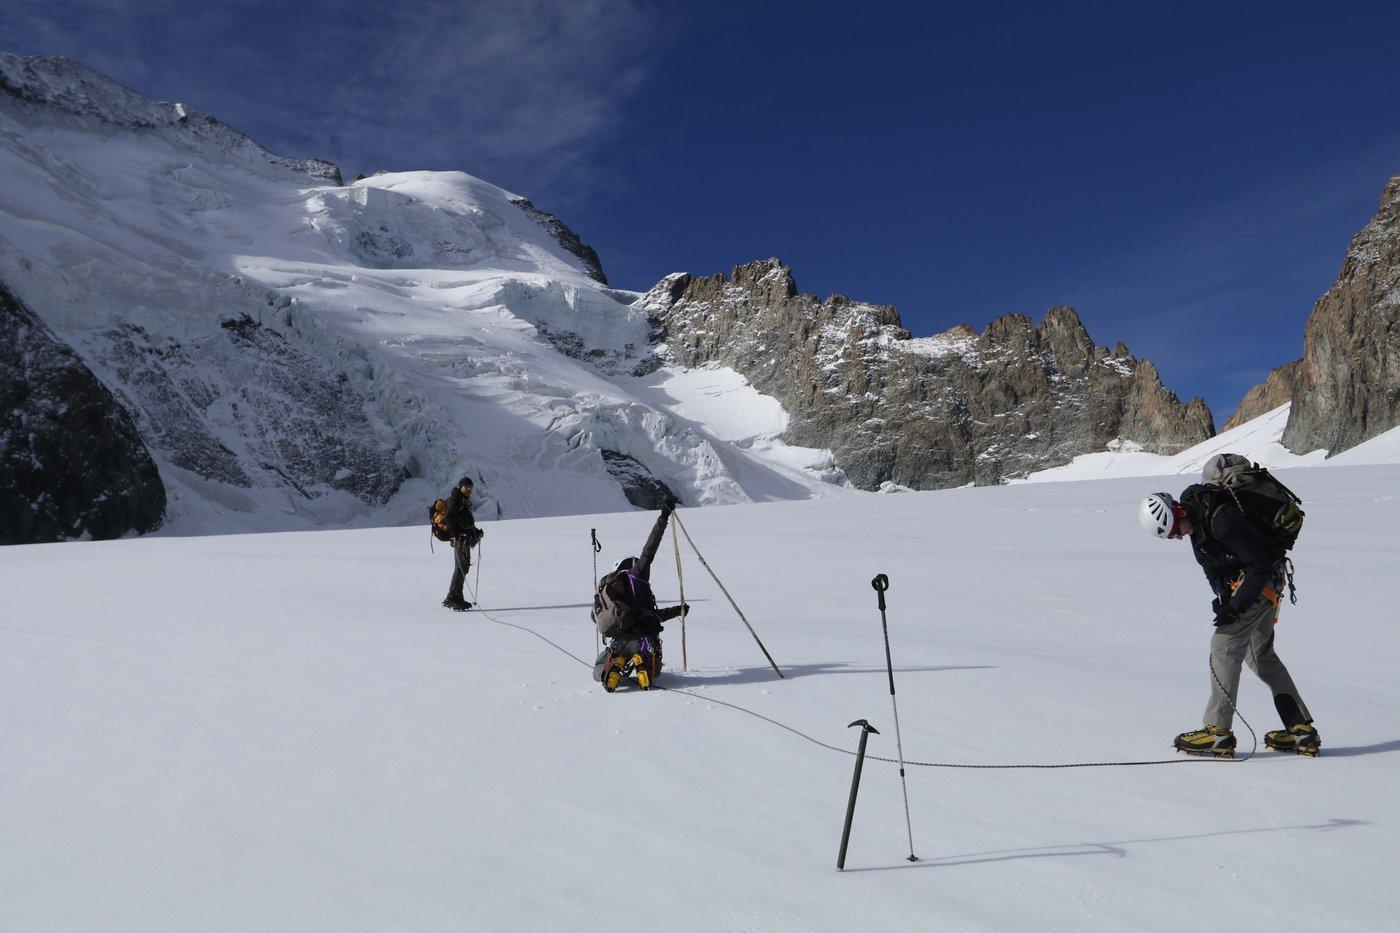 Relevé perches glacier Blanc - oct 2017 - © M.Bouvier - Parc national des Ecrins